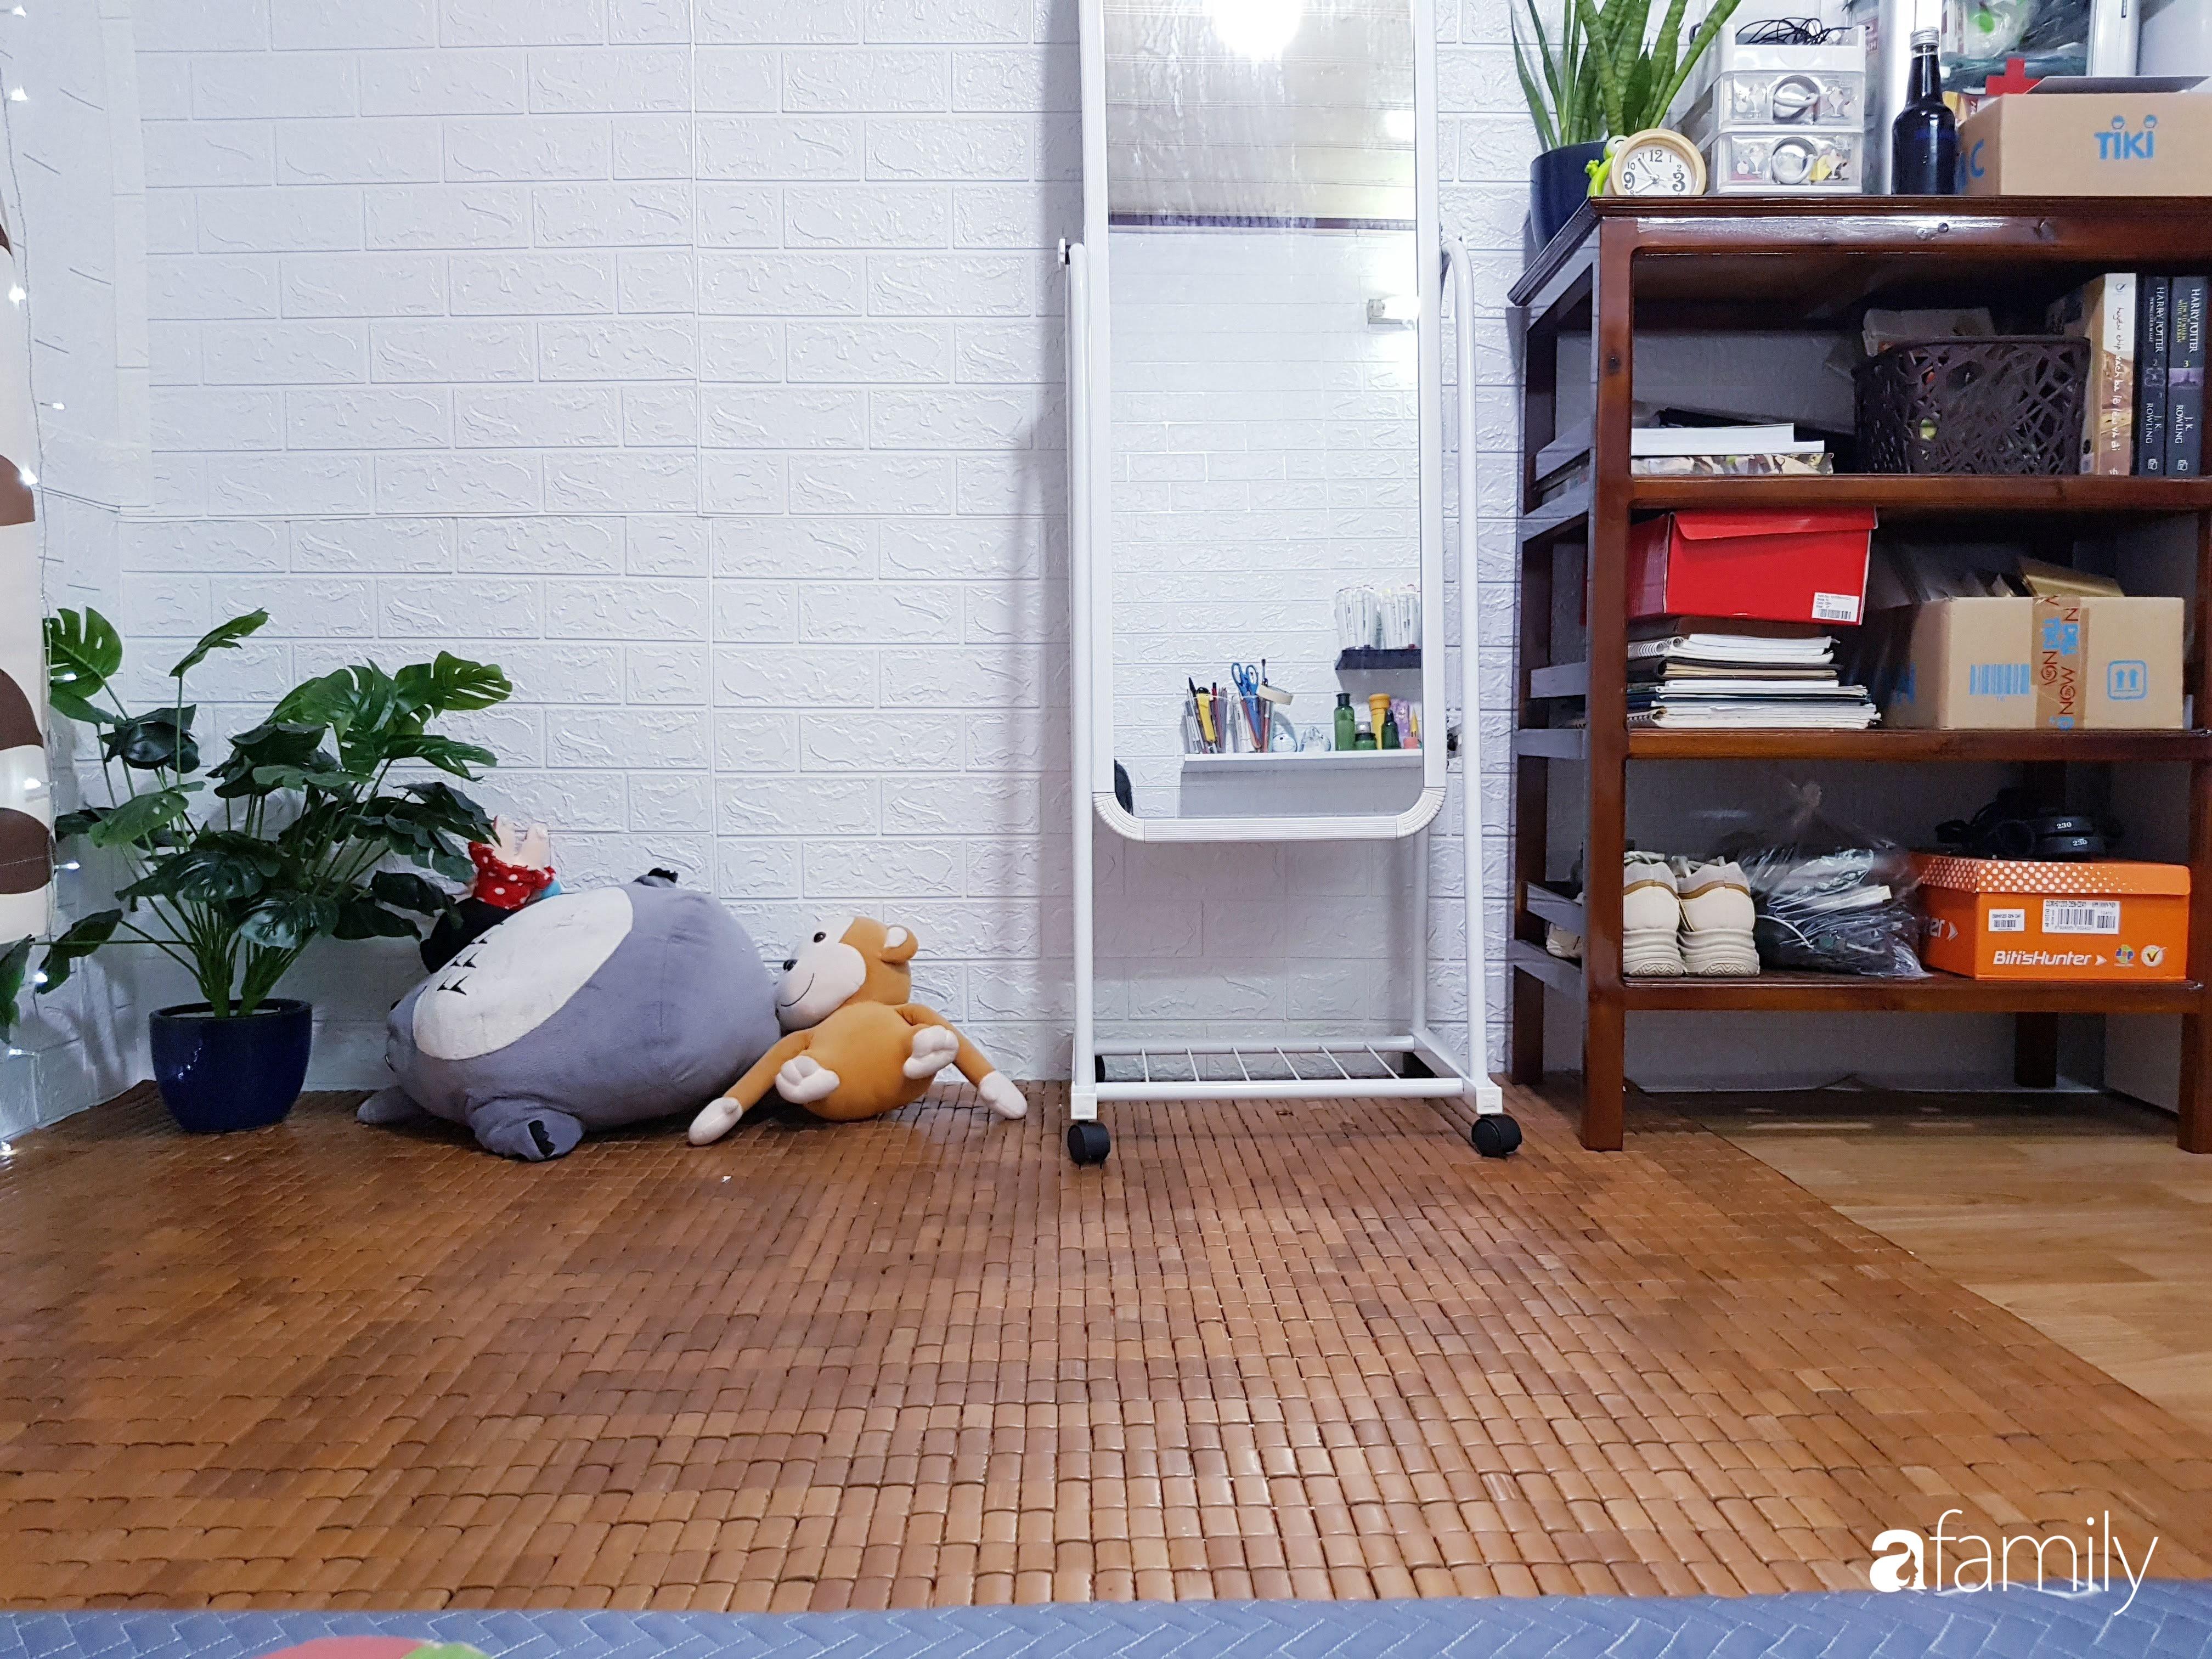 Chỉ với hơn 3 triệu và bí quyết cải tạo phòng ngủ thành không gian ngọt ngào, lãng mạn của cô gái Sài Gòn - Ảnh 5.